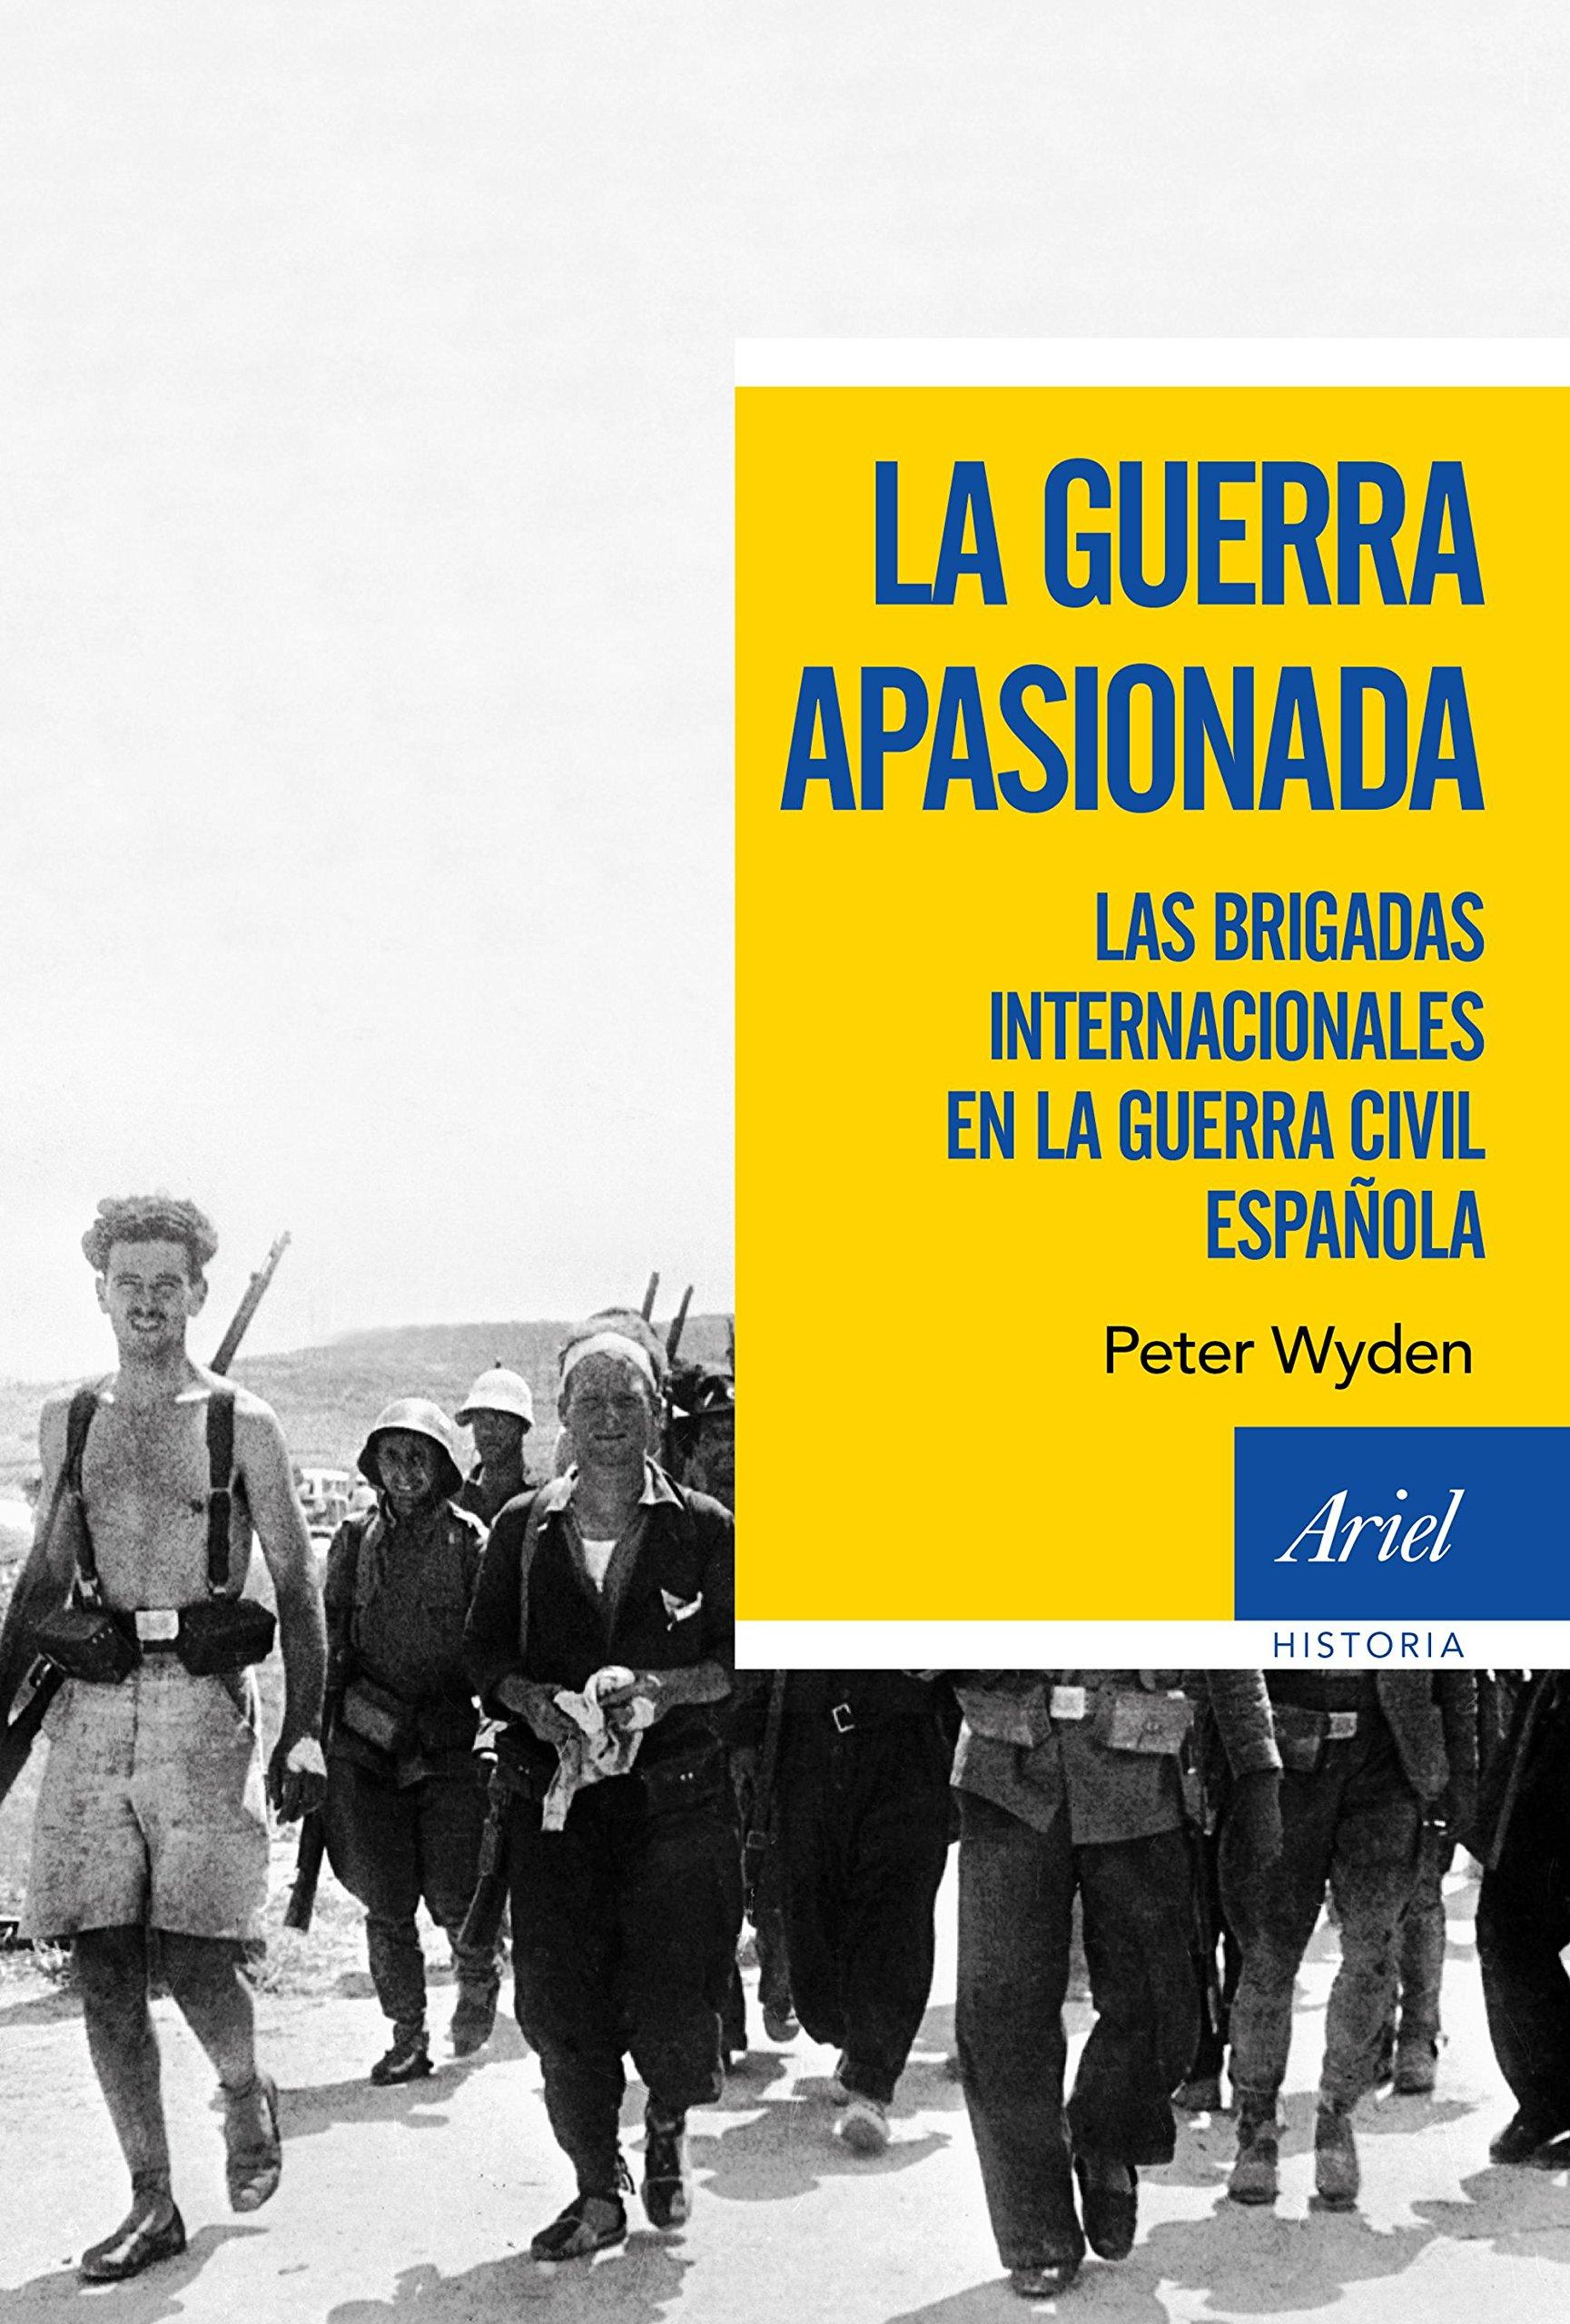 La guerra apasionada: Las brigadas internacionales en la guerra civil española Ariel Historia: Amazon.es: Wyden, Peter, Bravo, J. A., Fibla, Jordi: Libros